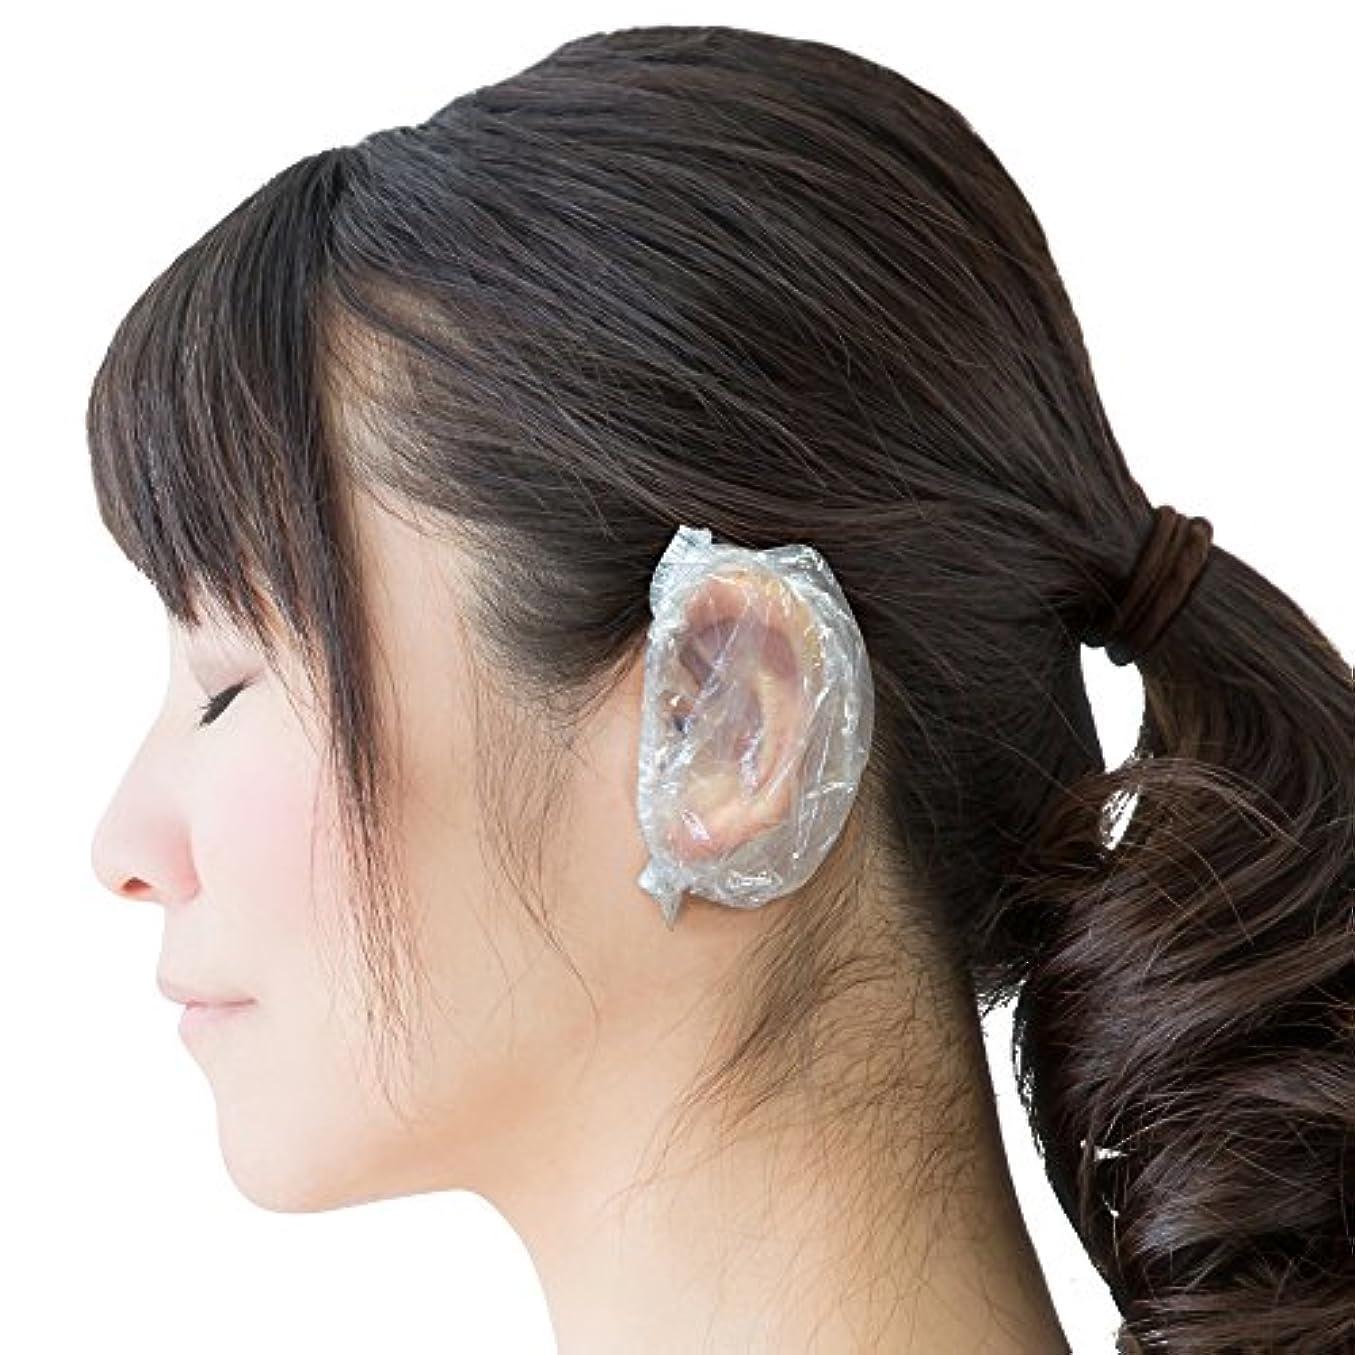 仲良し広々襟【Fiveten】 耳キャップ イヤーキャップ 耳カバー 毛染め 使い捨て 100個